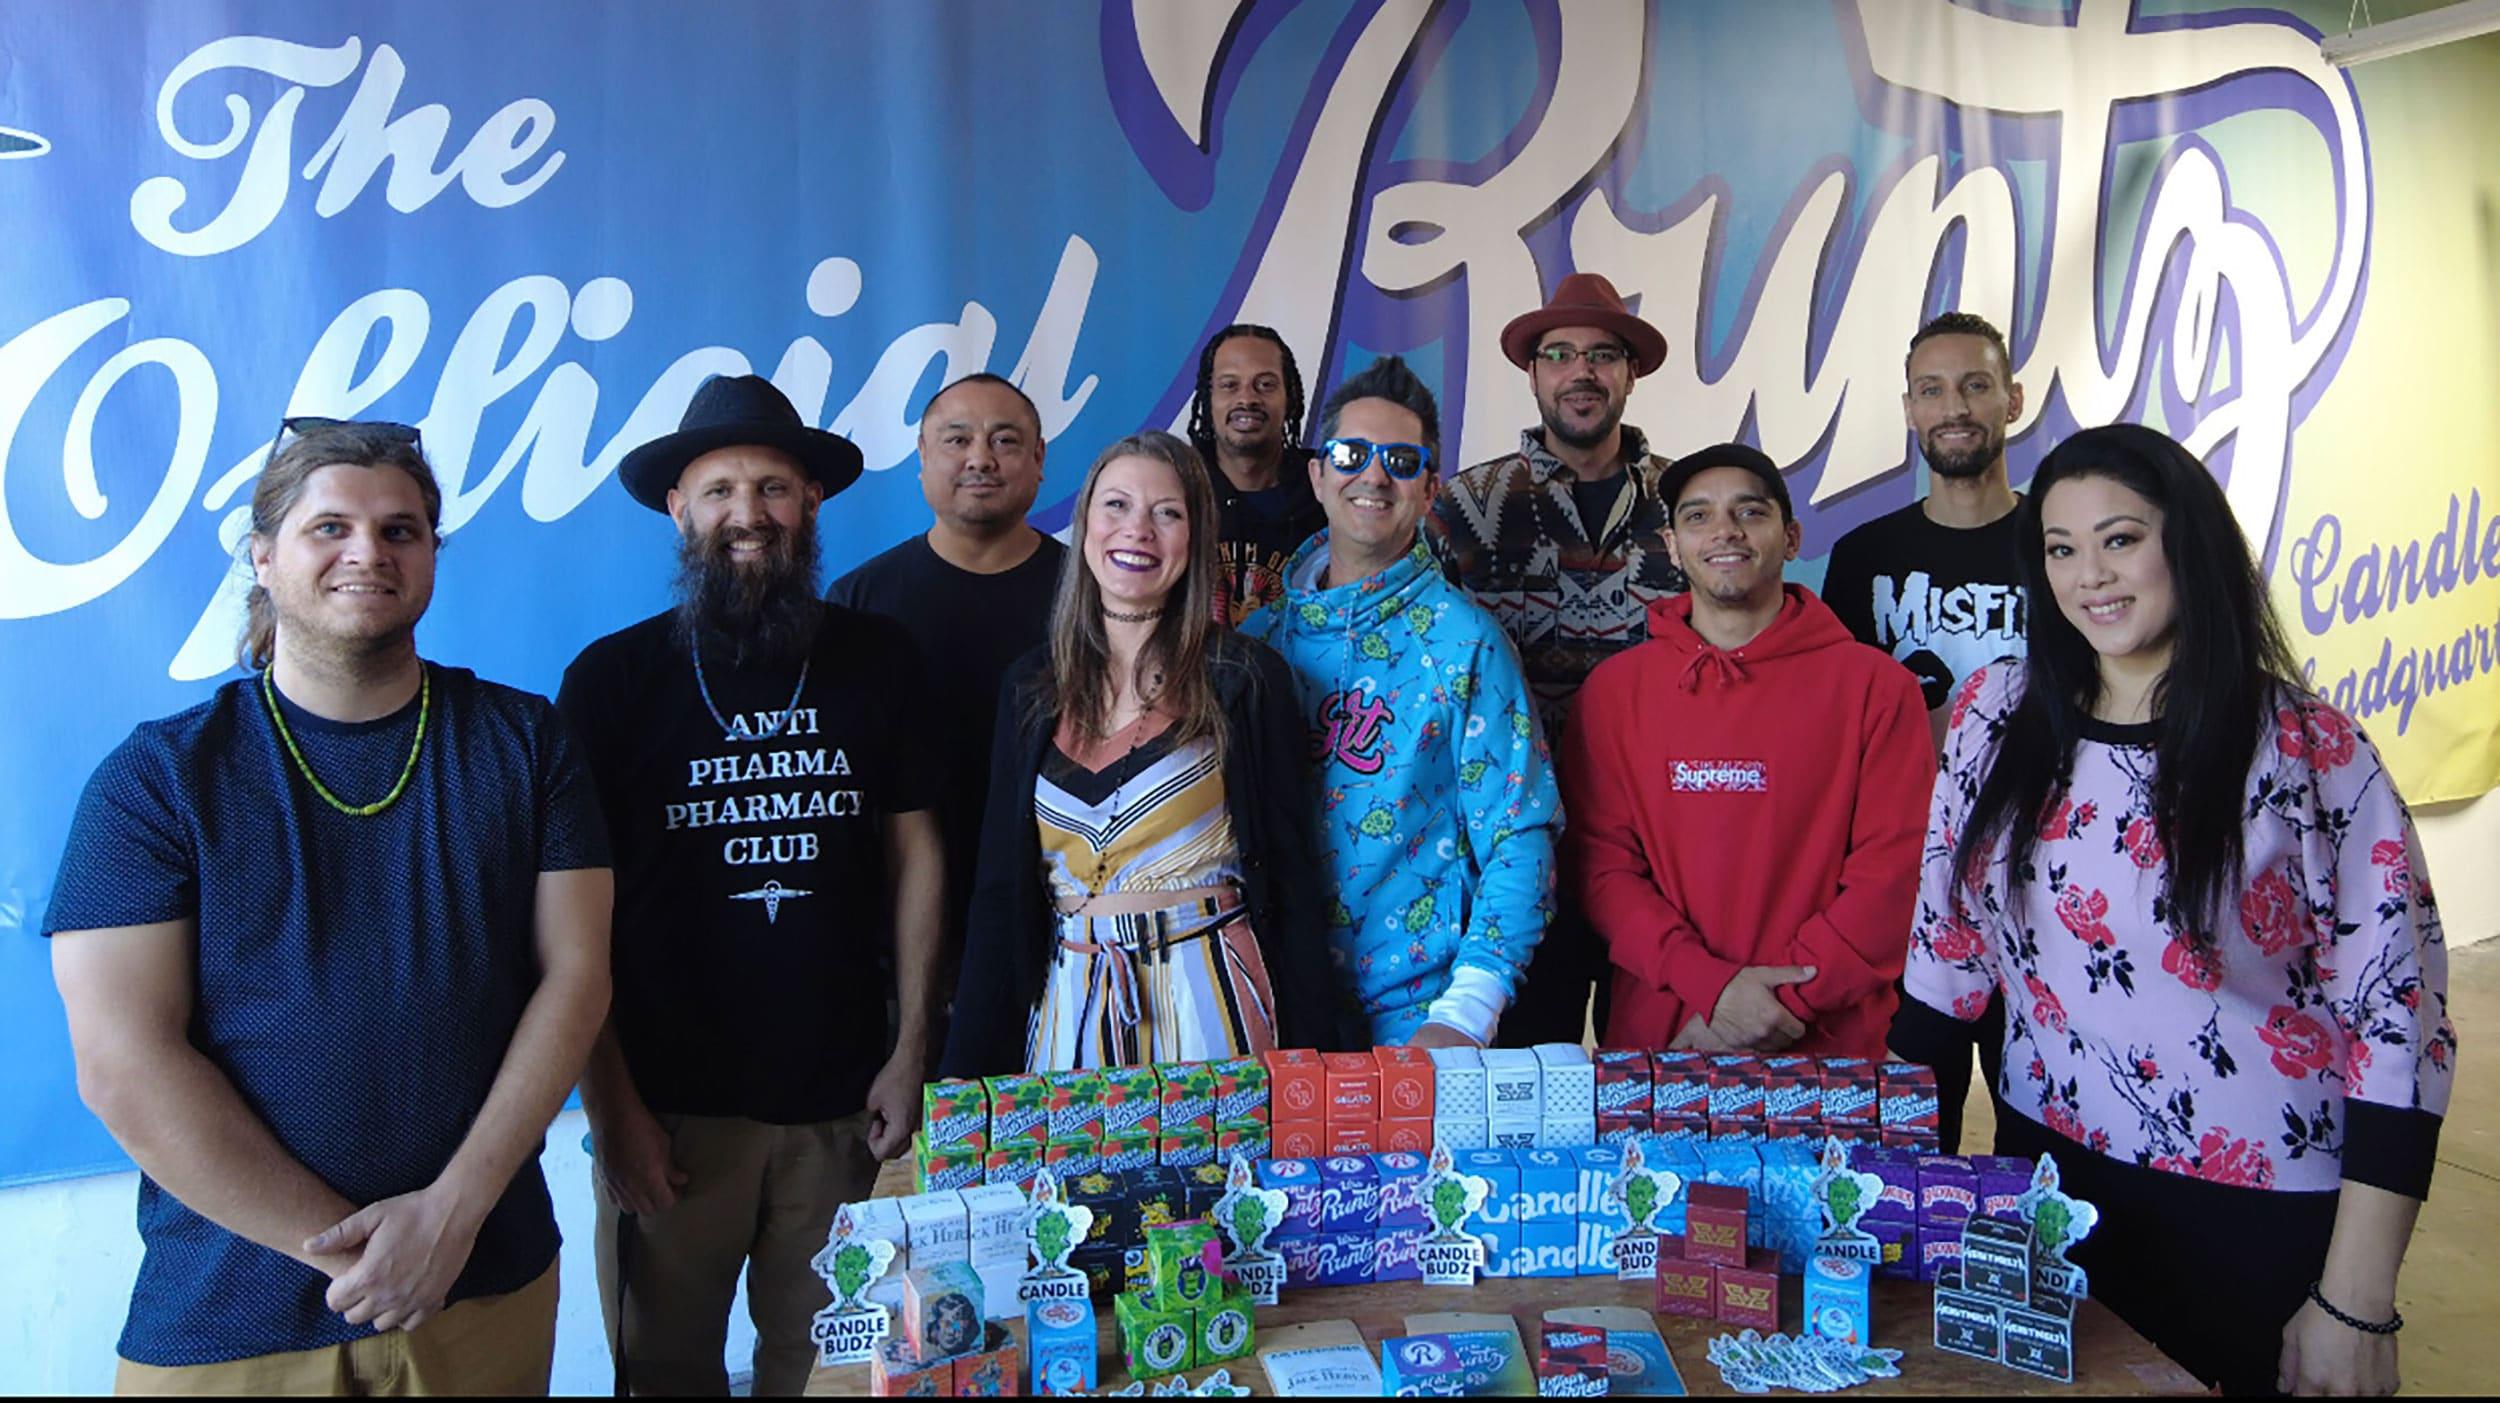 Jordan and Candlebudz crew